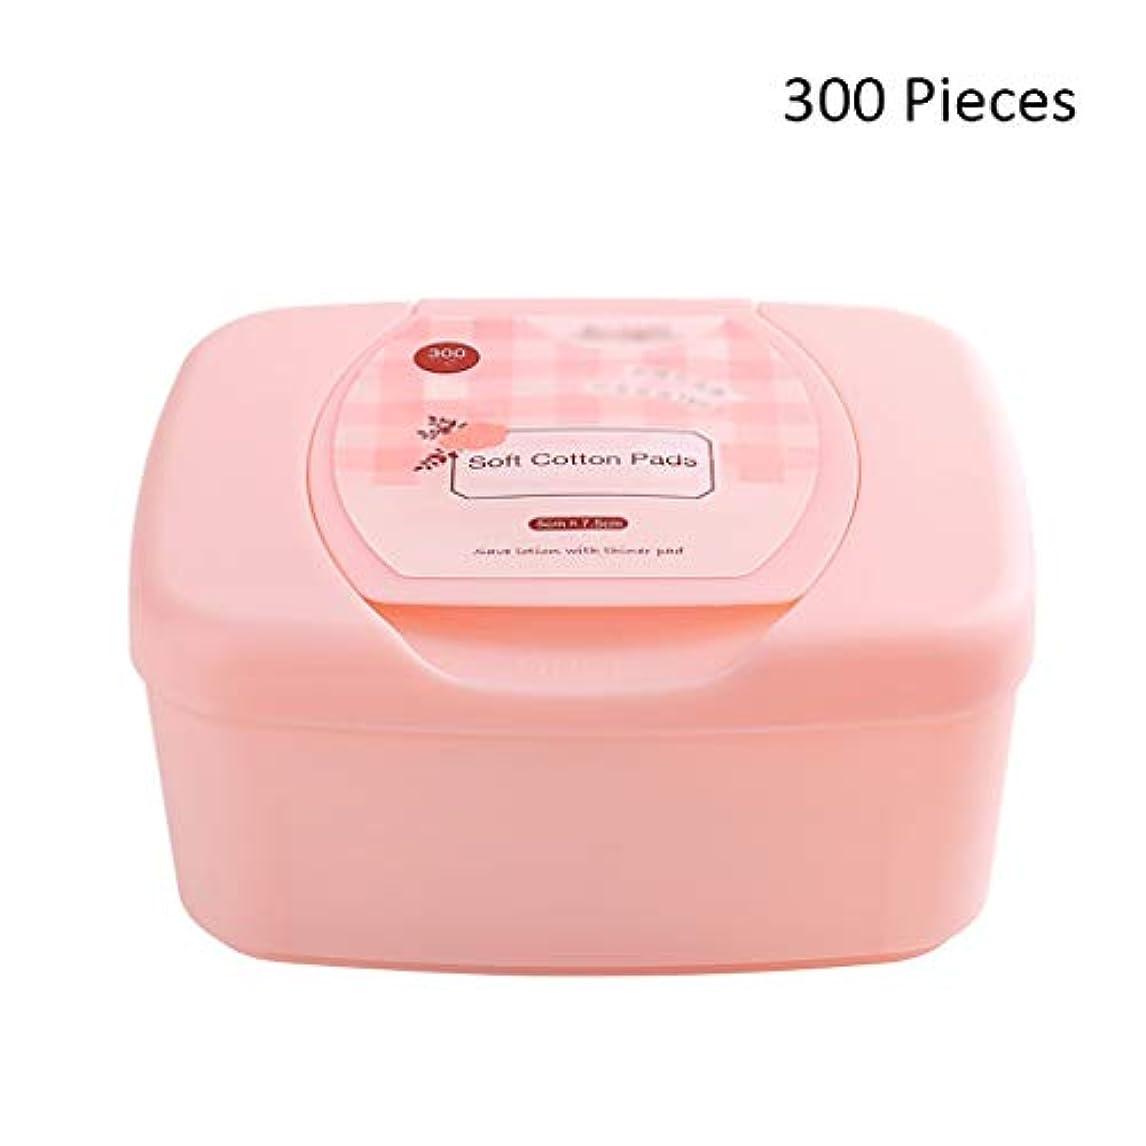 乱雑な元気な貼り直す300ピース抽出有機フェイスメイク落としソフトメイク落としパッド化粧品フェイスワイプマスクケアクレンジングコットン (Color : Pink, サイズ : 7.5*5cm)